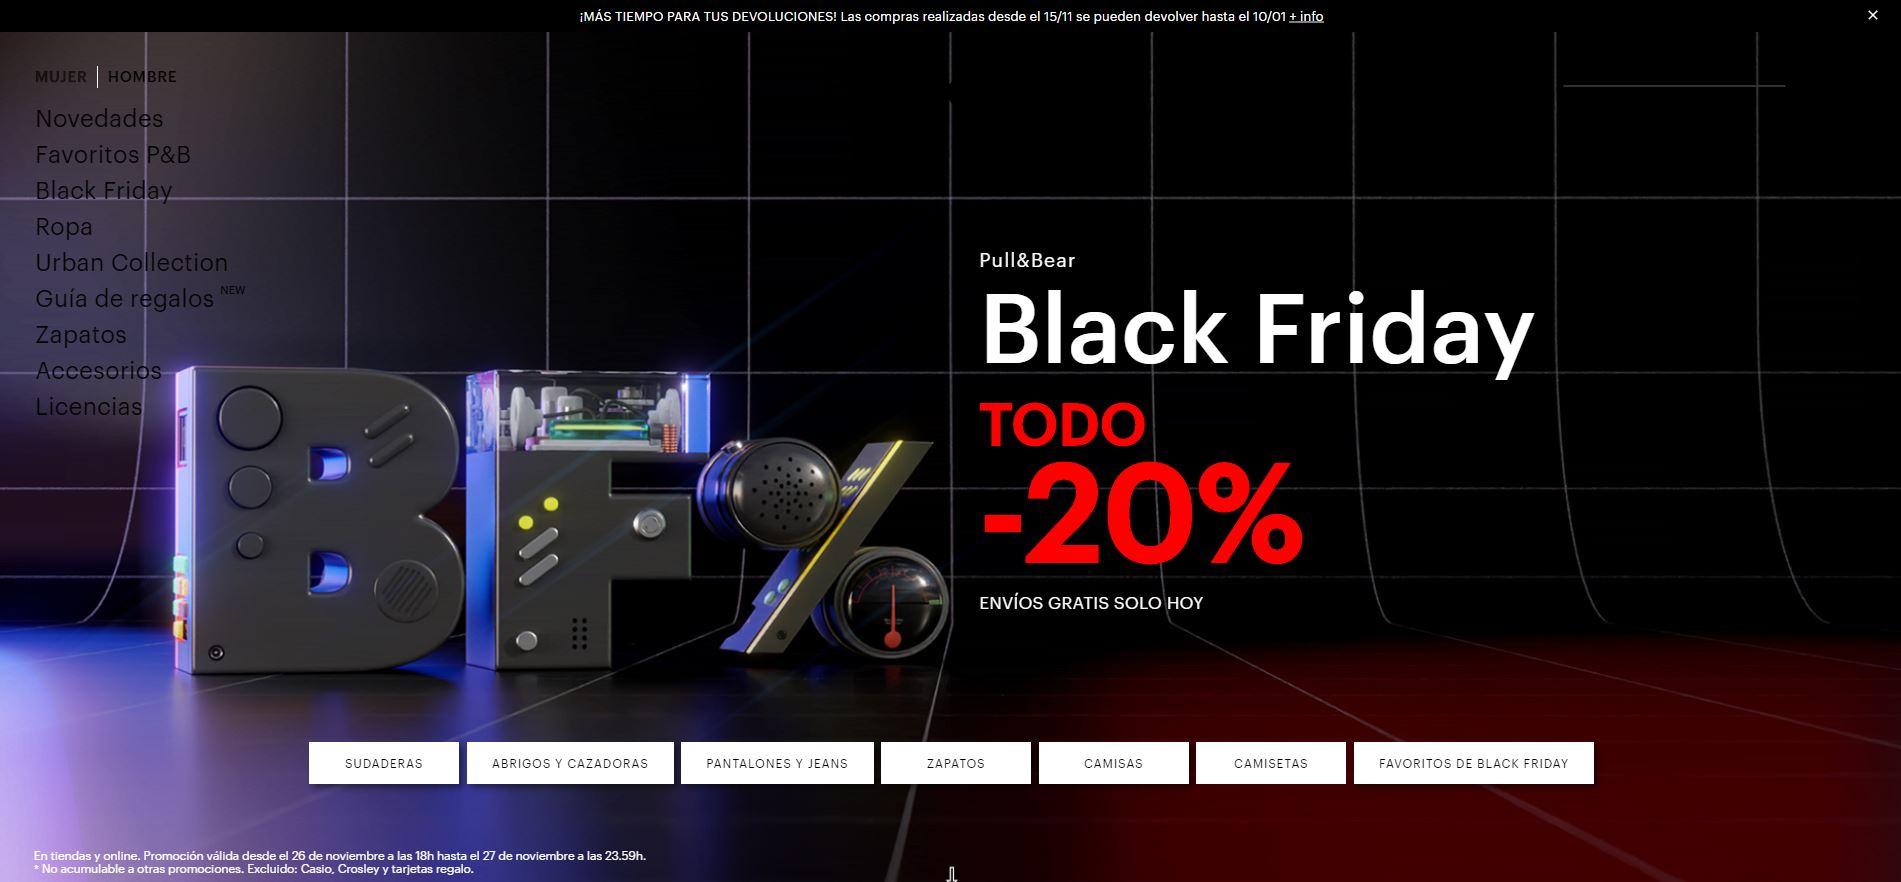 ENVÍO GRATIS + 20% de descuento BLACK FRIDAY en Pull & Bear